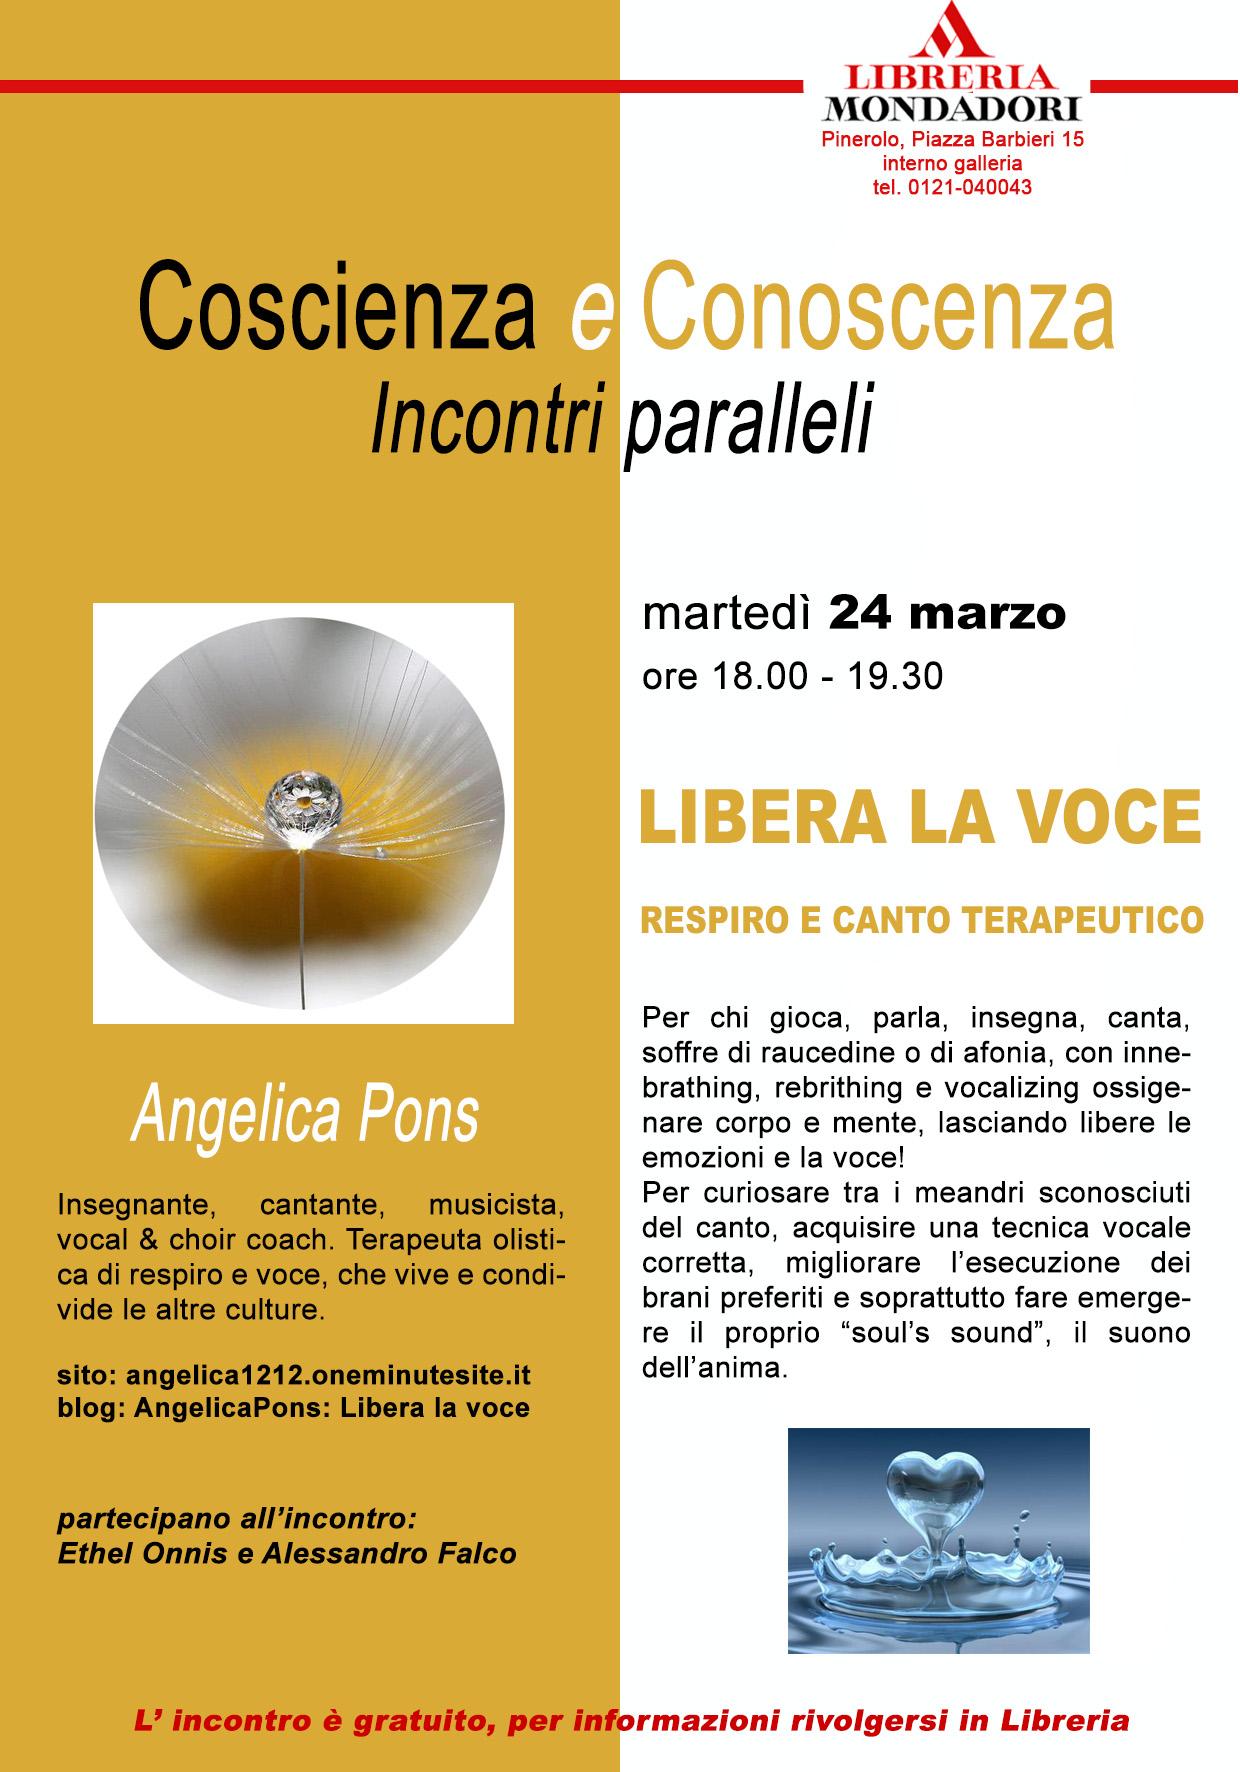 Pinerolo. Coscienza e conoscenza incontri paralleli con Angelica Pons